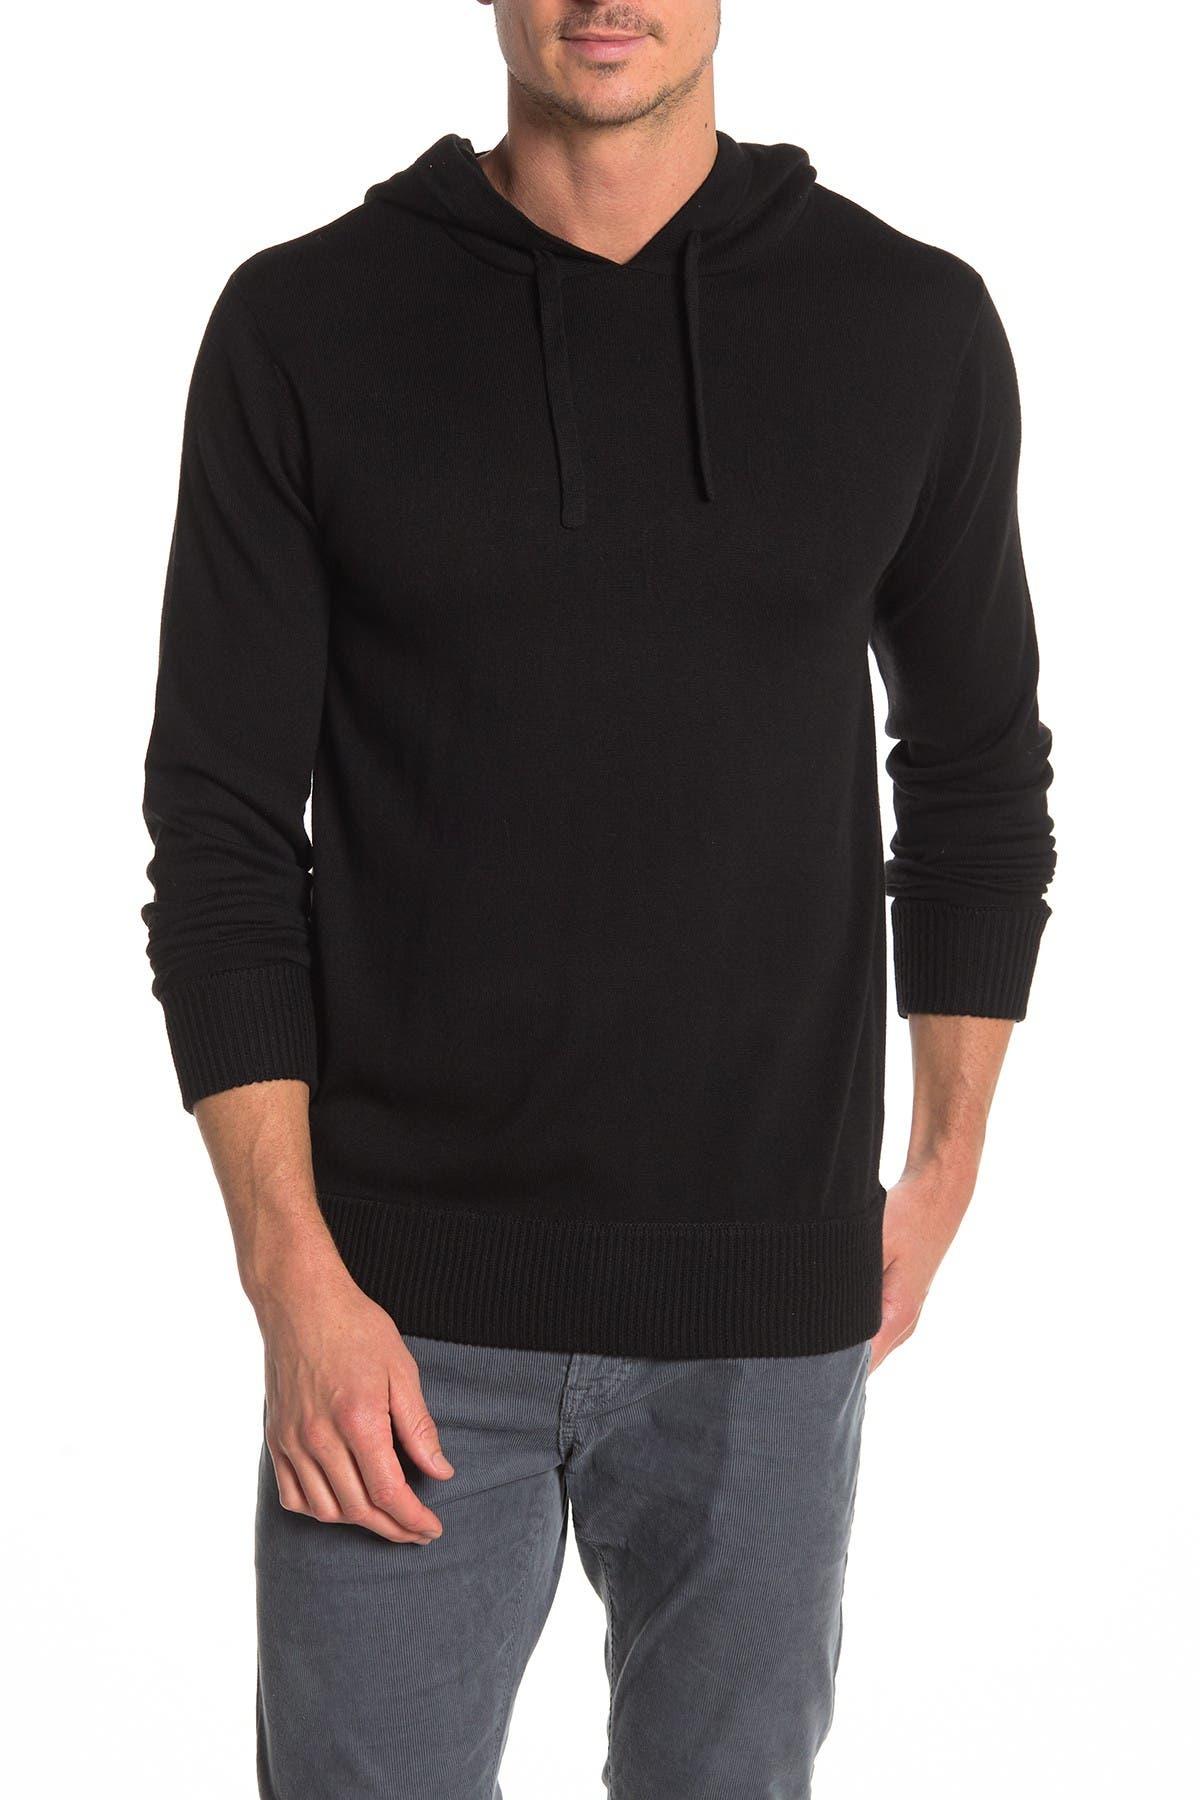 Image of Slate & Stone Hooded Sweatshirt